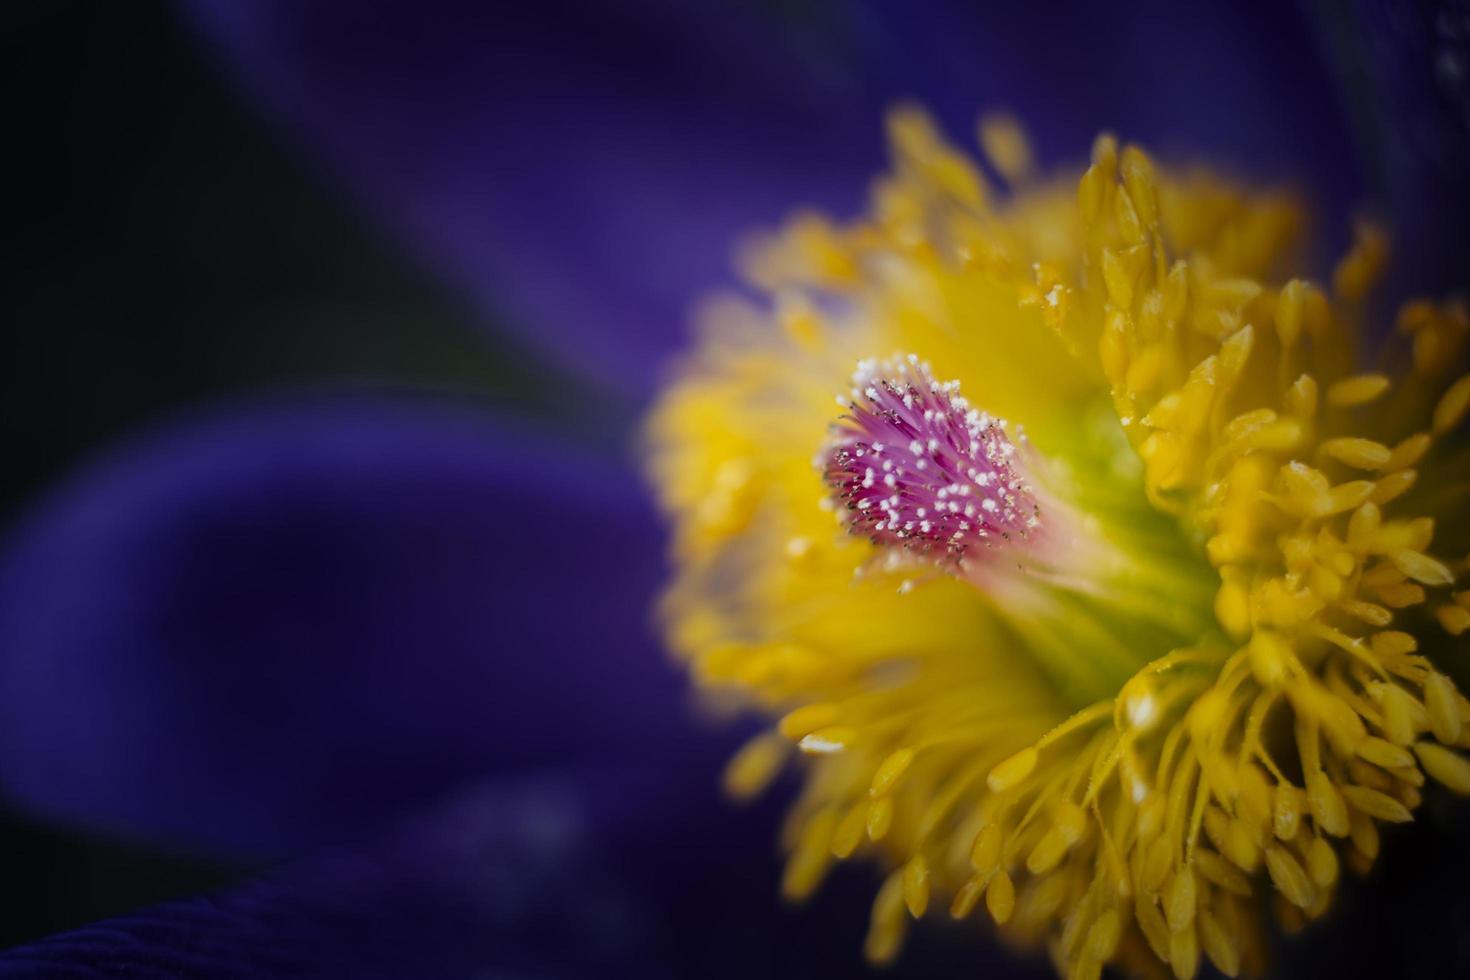 fiore giallo e blu foto